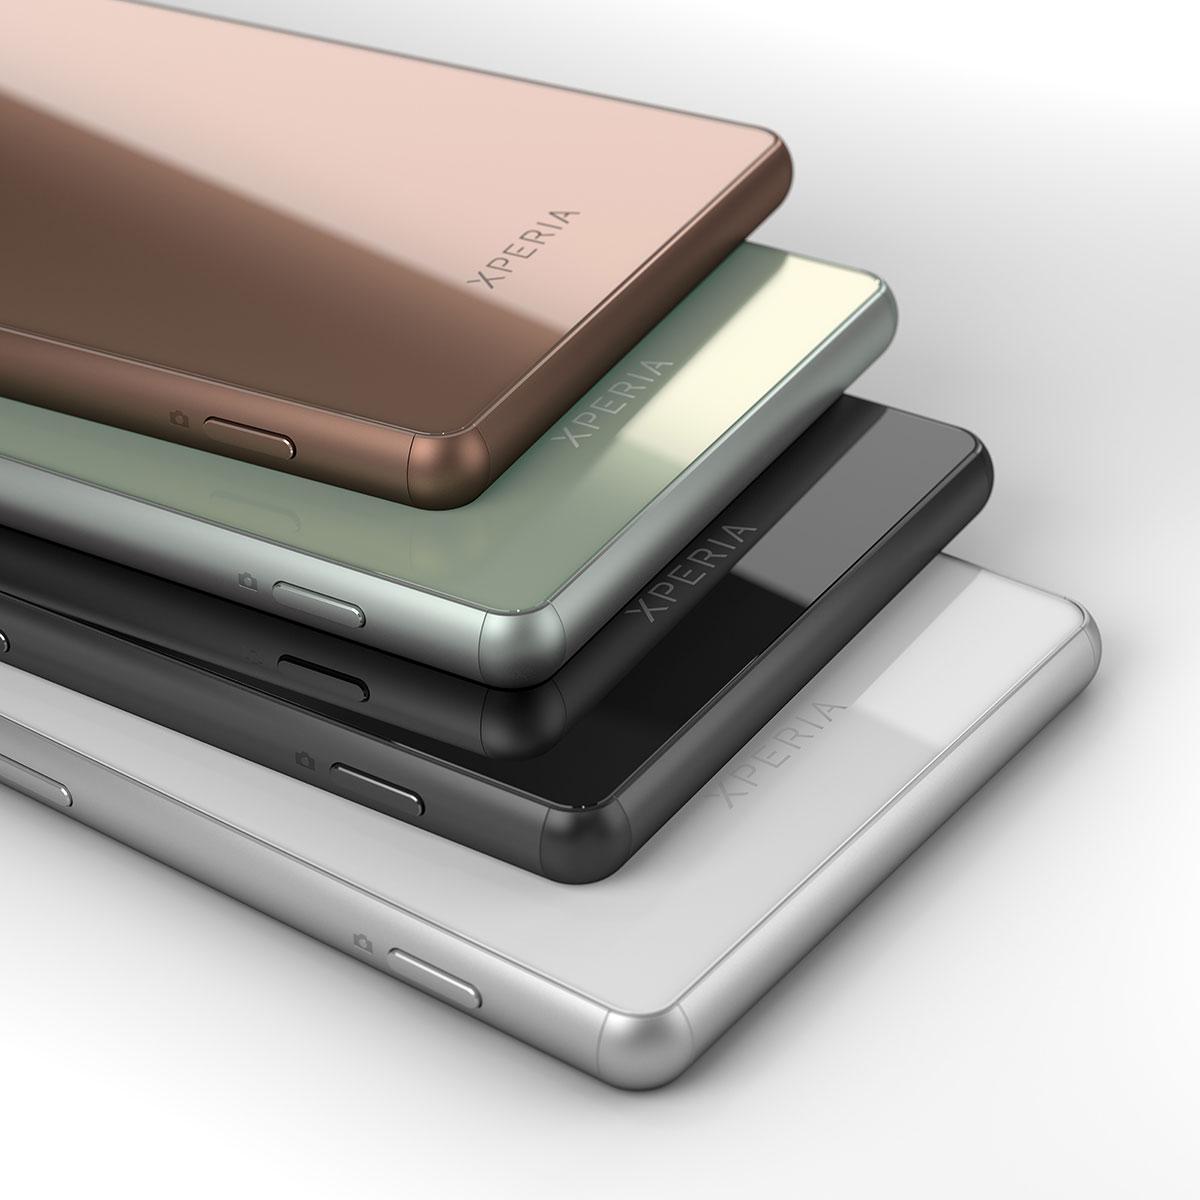 El Sony Xperia Z3 en color negro, blanco, verde y cobre